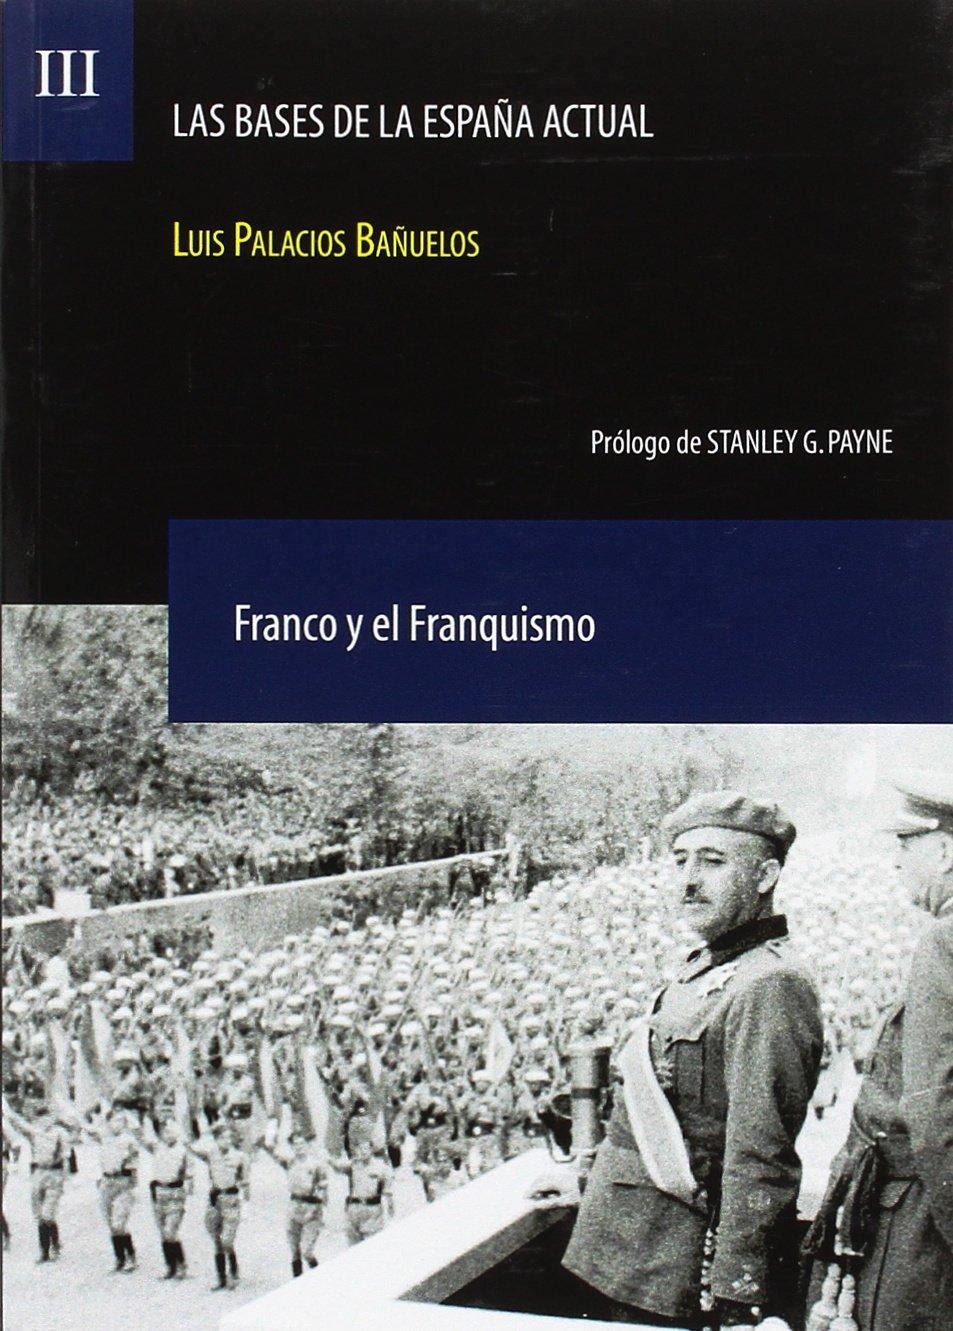 Bases De La EspaÑa Actual,las Vol Iii: Amazon.es: Luis Palacios BaÑuelos, Luis Palacios BaÑuelos: Libros